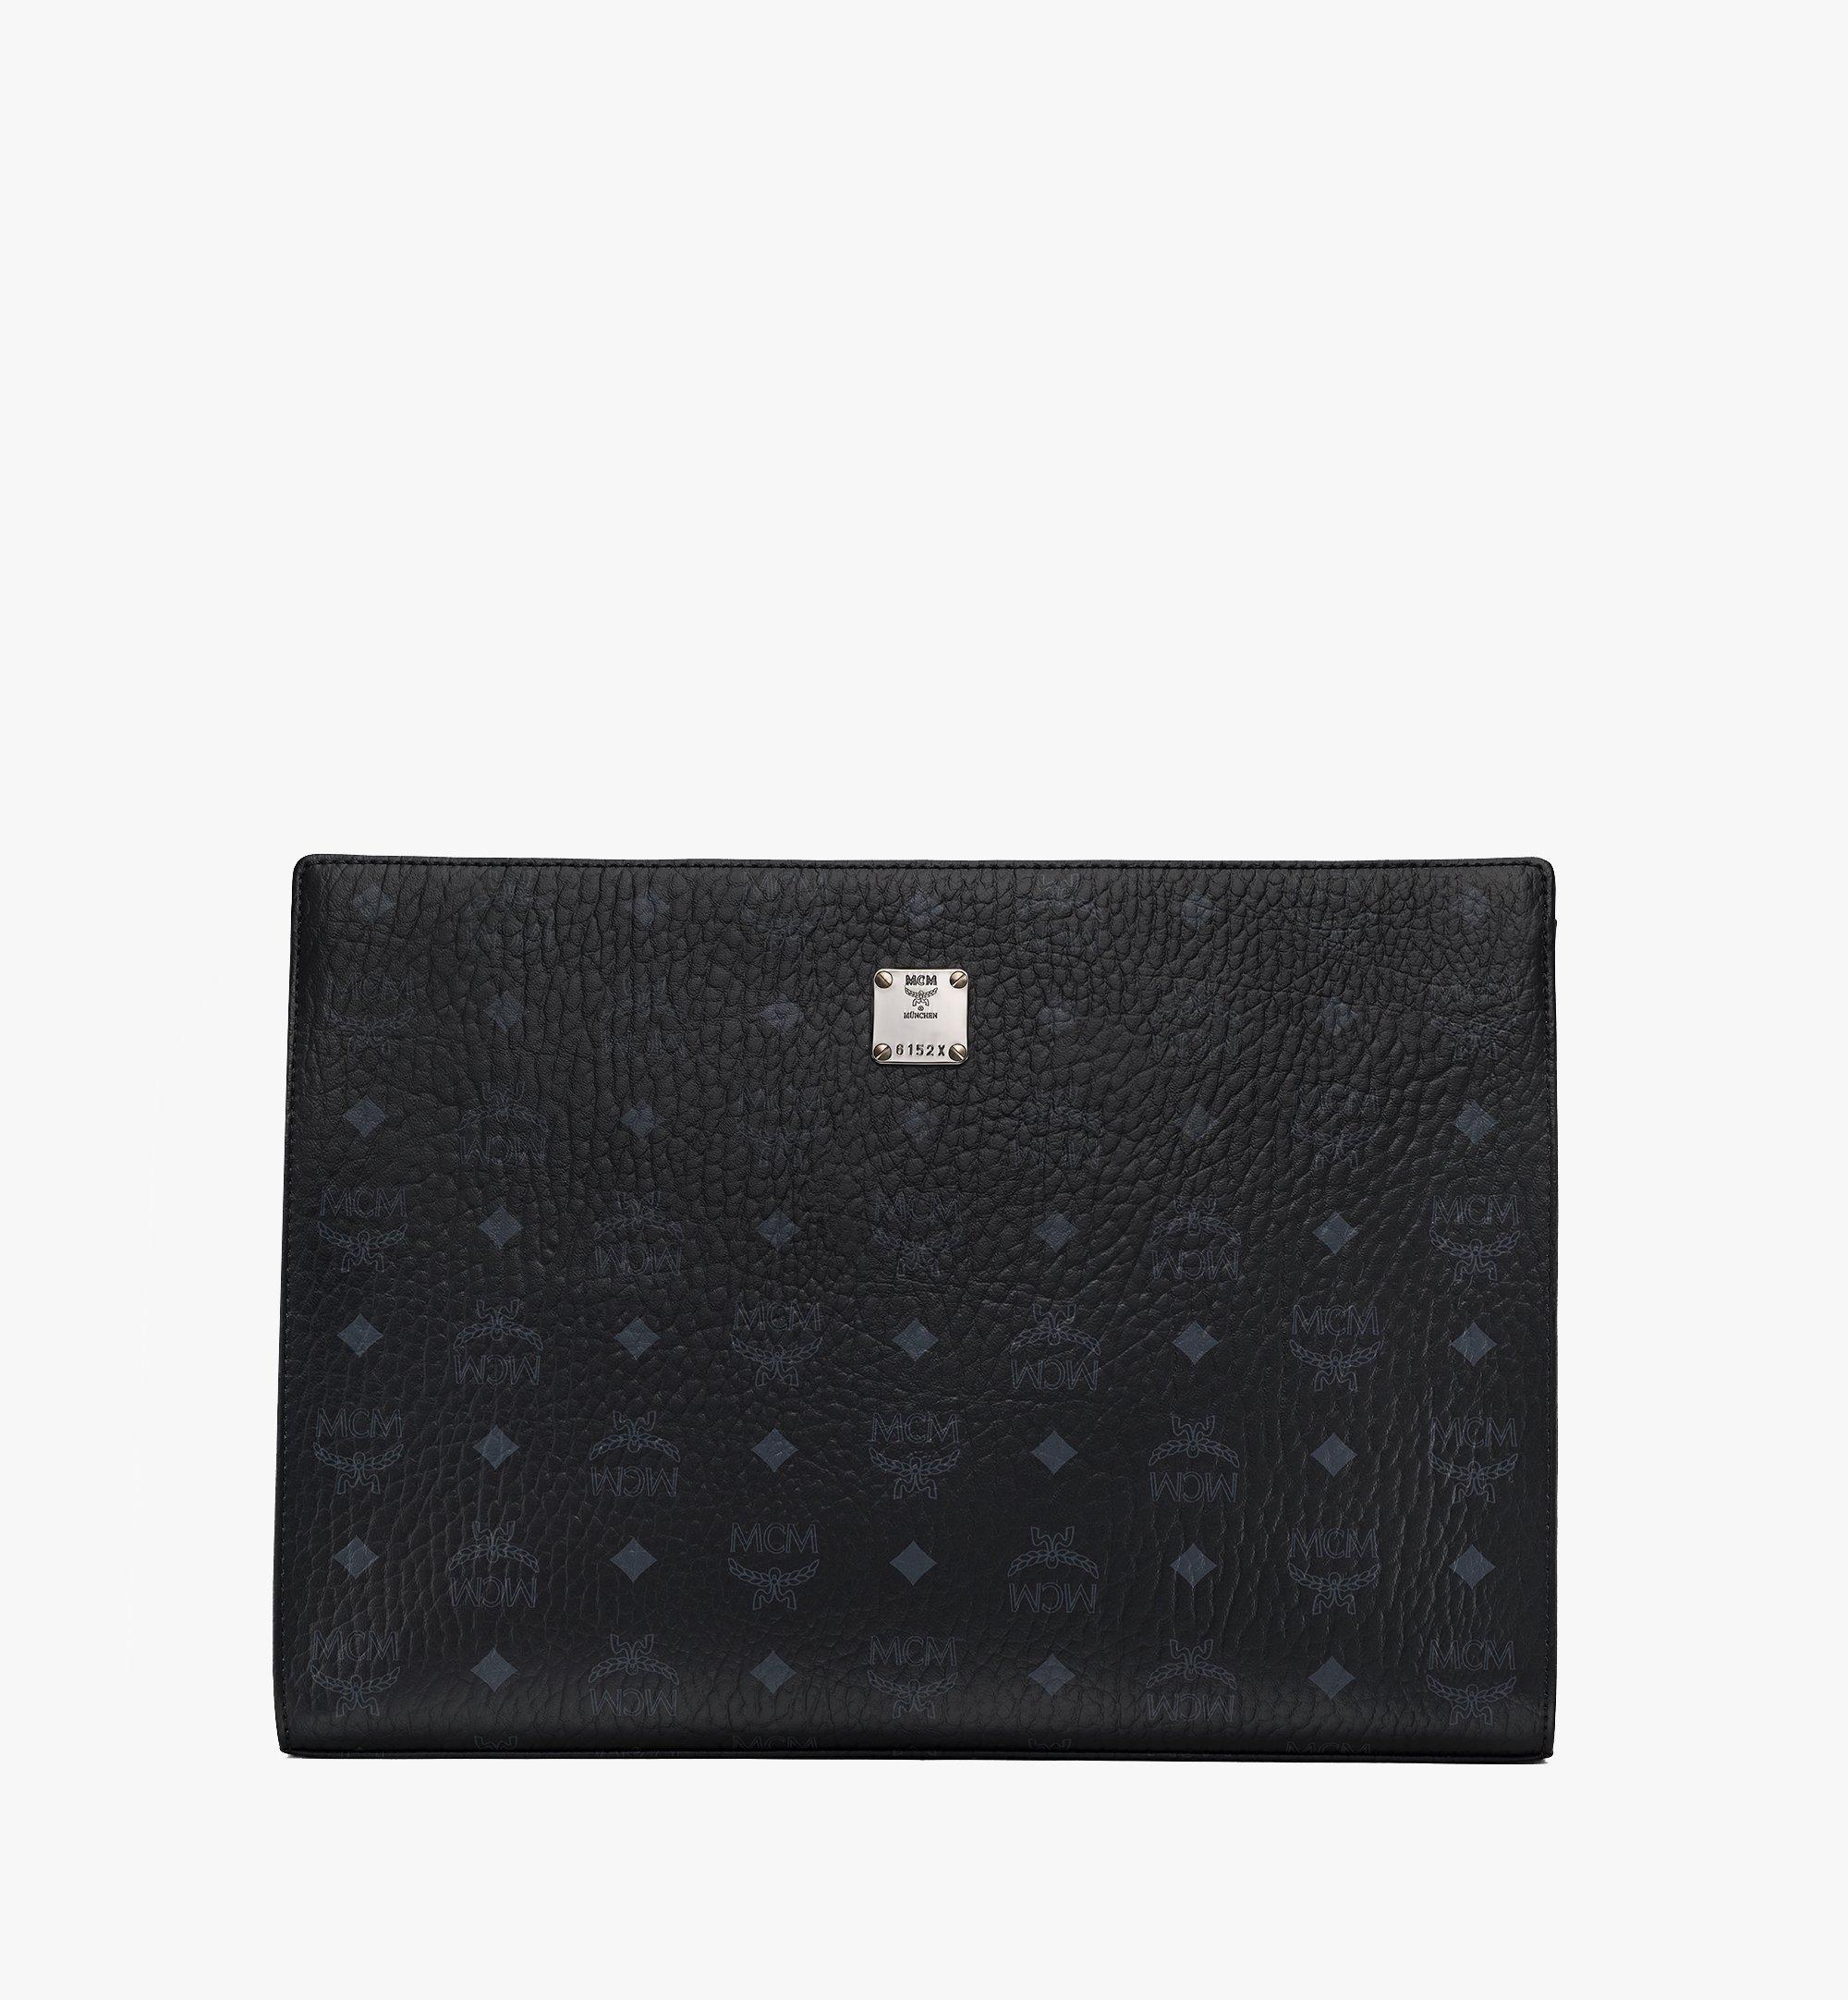 MCM Tasche mit Reissverschluss in Visetos Original Black MXZ8SVI71BK001 Alternate View 1